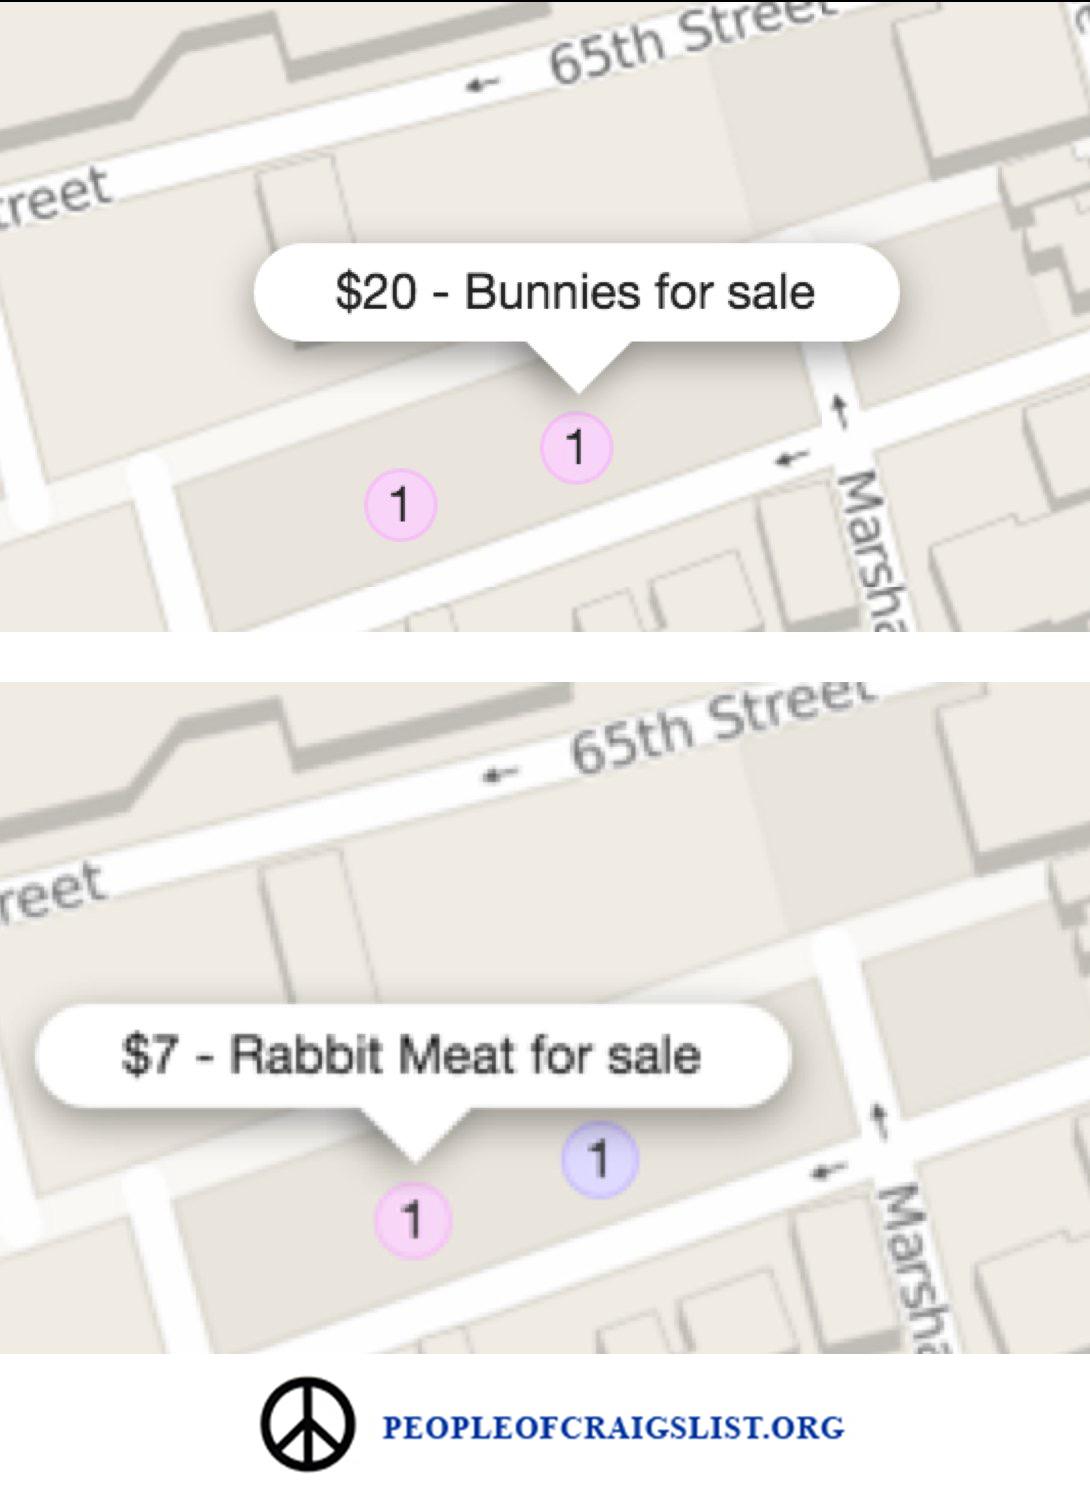 Bunnies for sale on craigslist